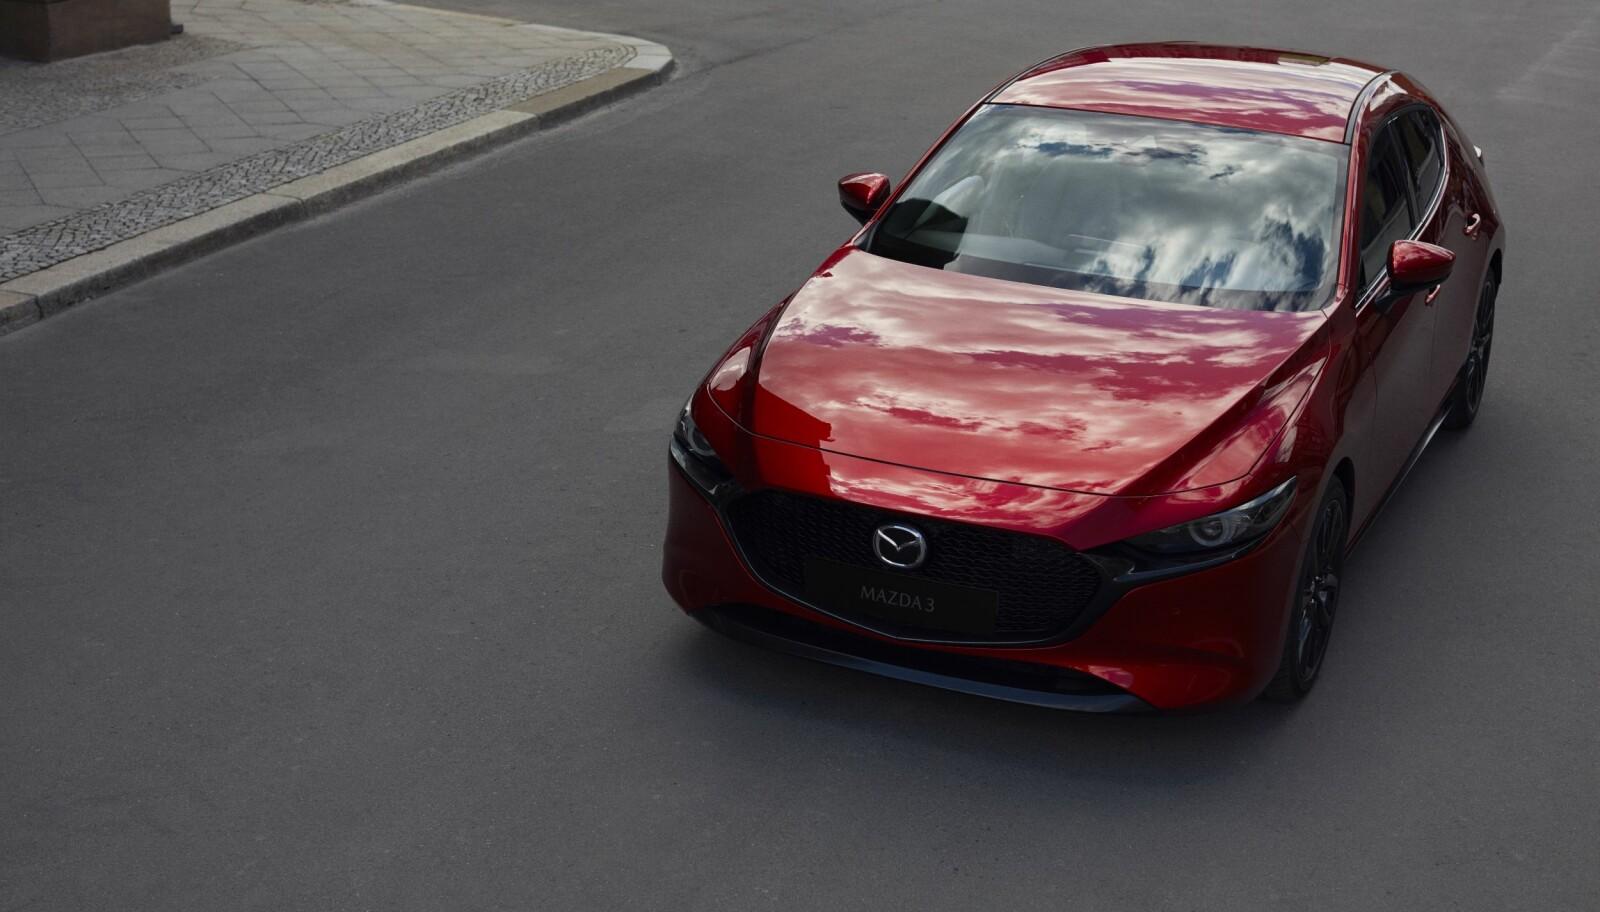 TIL NORGE: Allerede i mars kommer de første versjonene av Mazda3 til Norge.